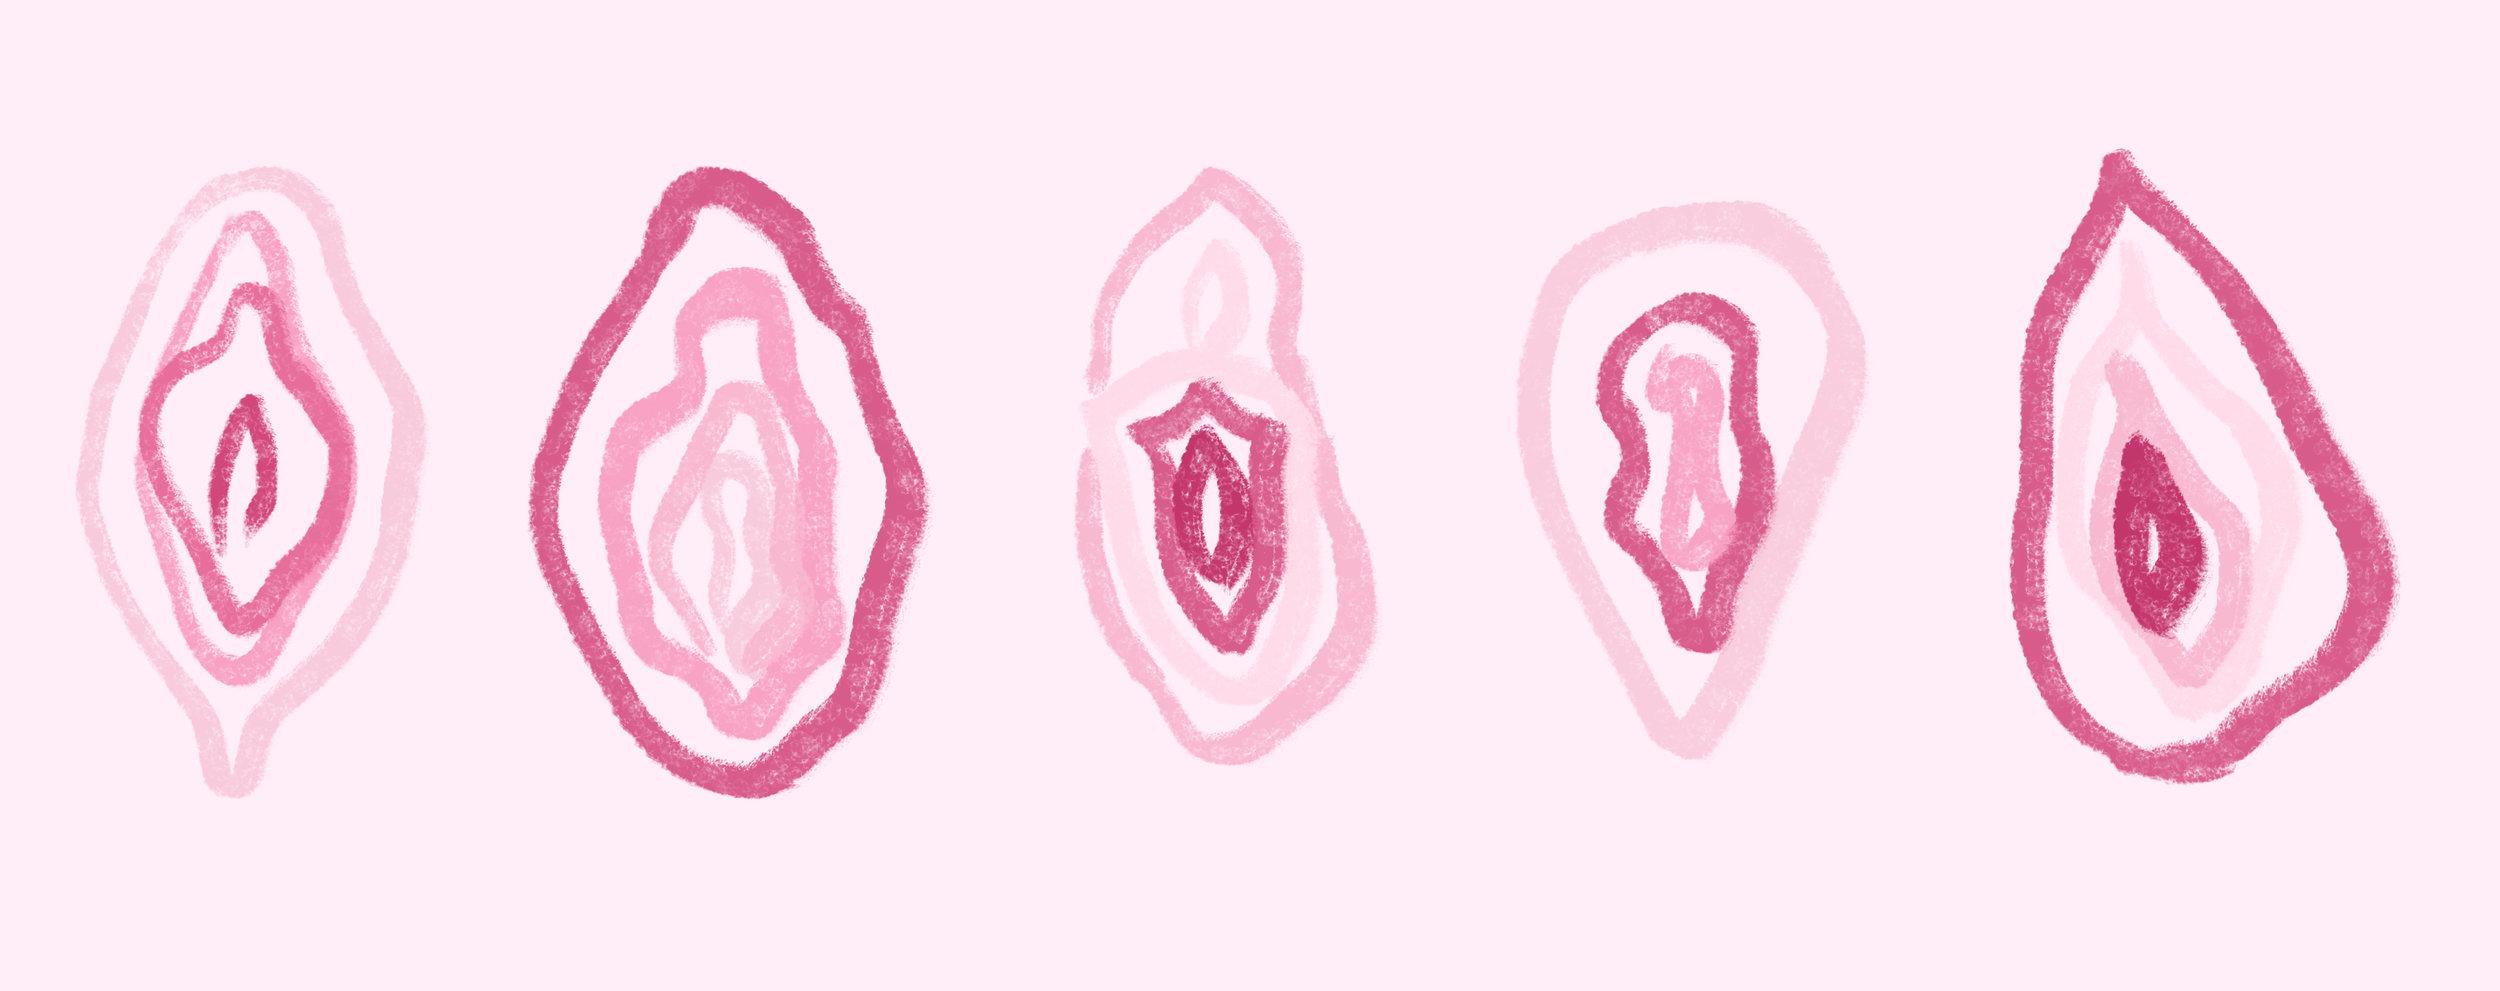 Illustration by Hazel Mead